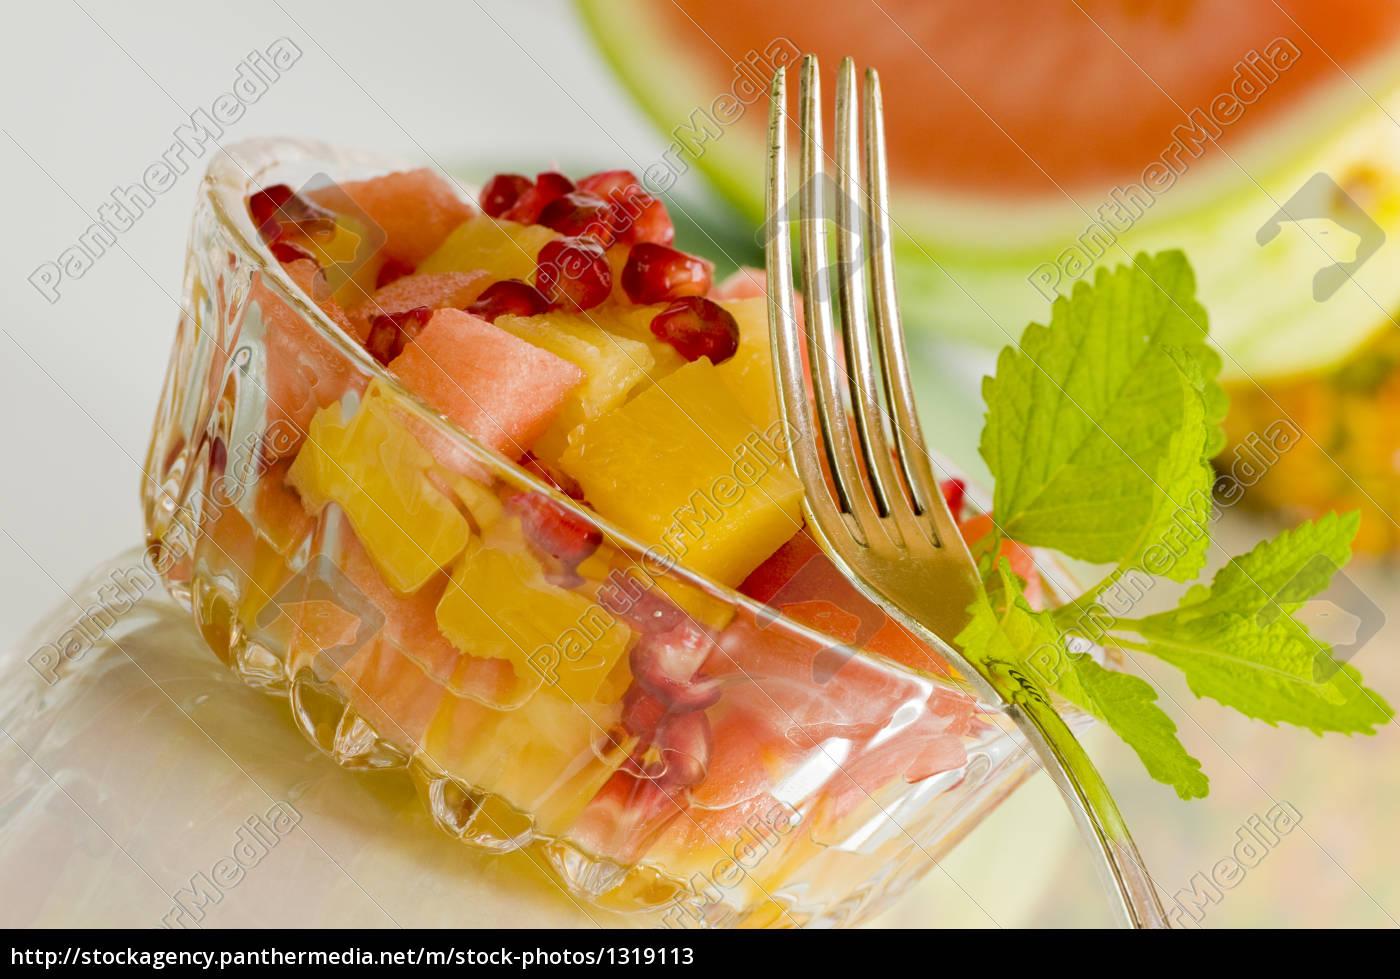 fruit, salad - 1319113